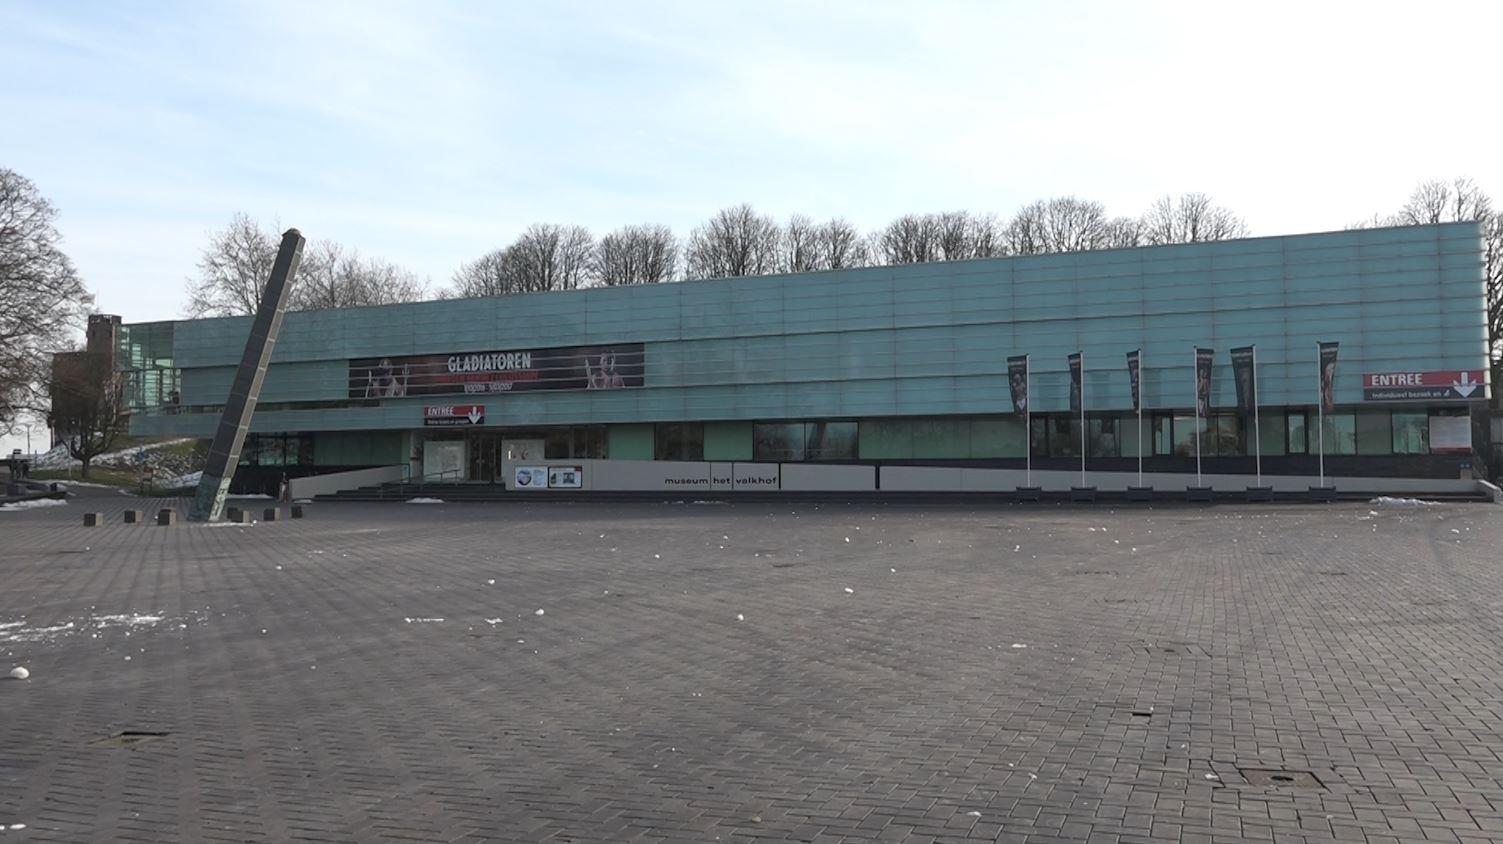 Wie heeft een goed idee om te laten zien hoe oud Nijmegen is? - Omroep ...